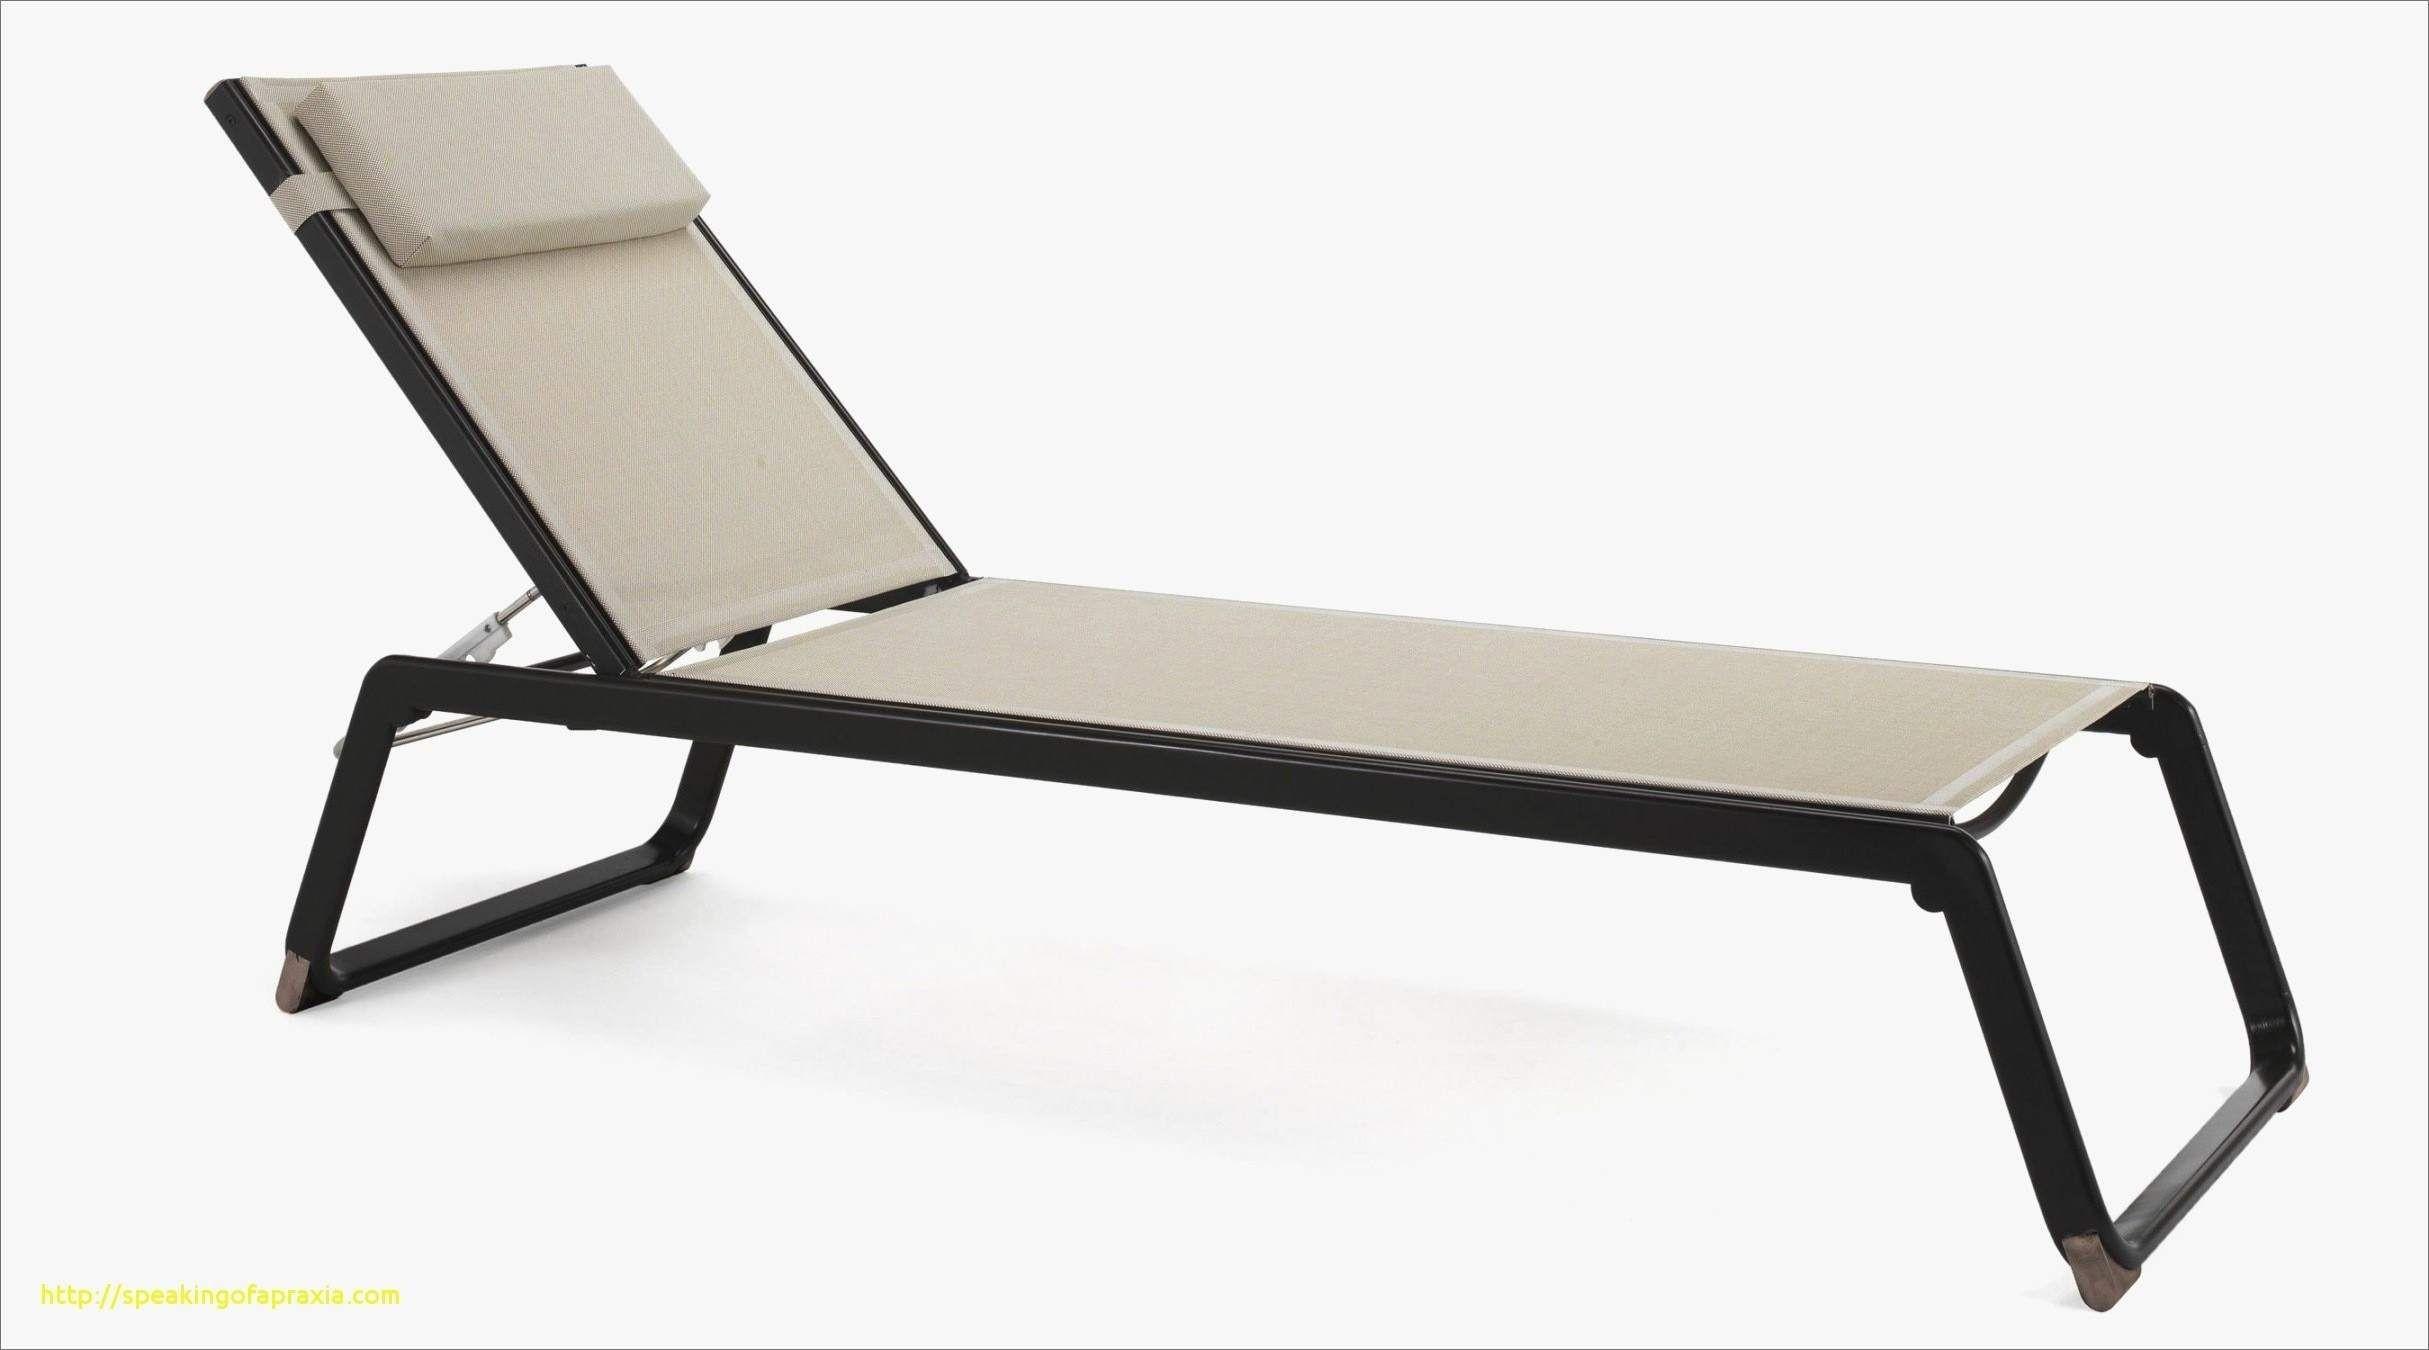 chaises et fauteuils de jardin chaises et fauteuils de jardin confident fauteuil fauteuil of chaises et fauteuils de jardin